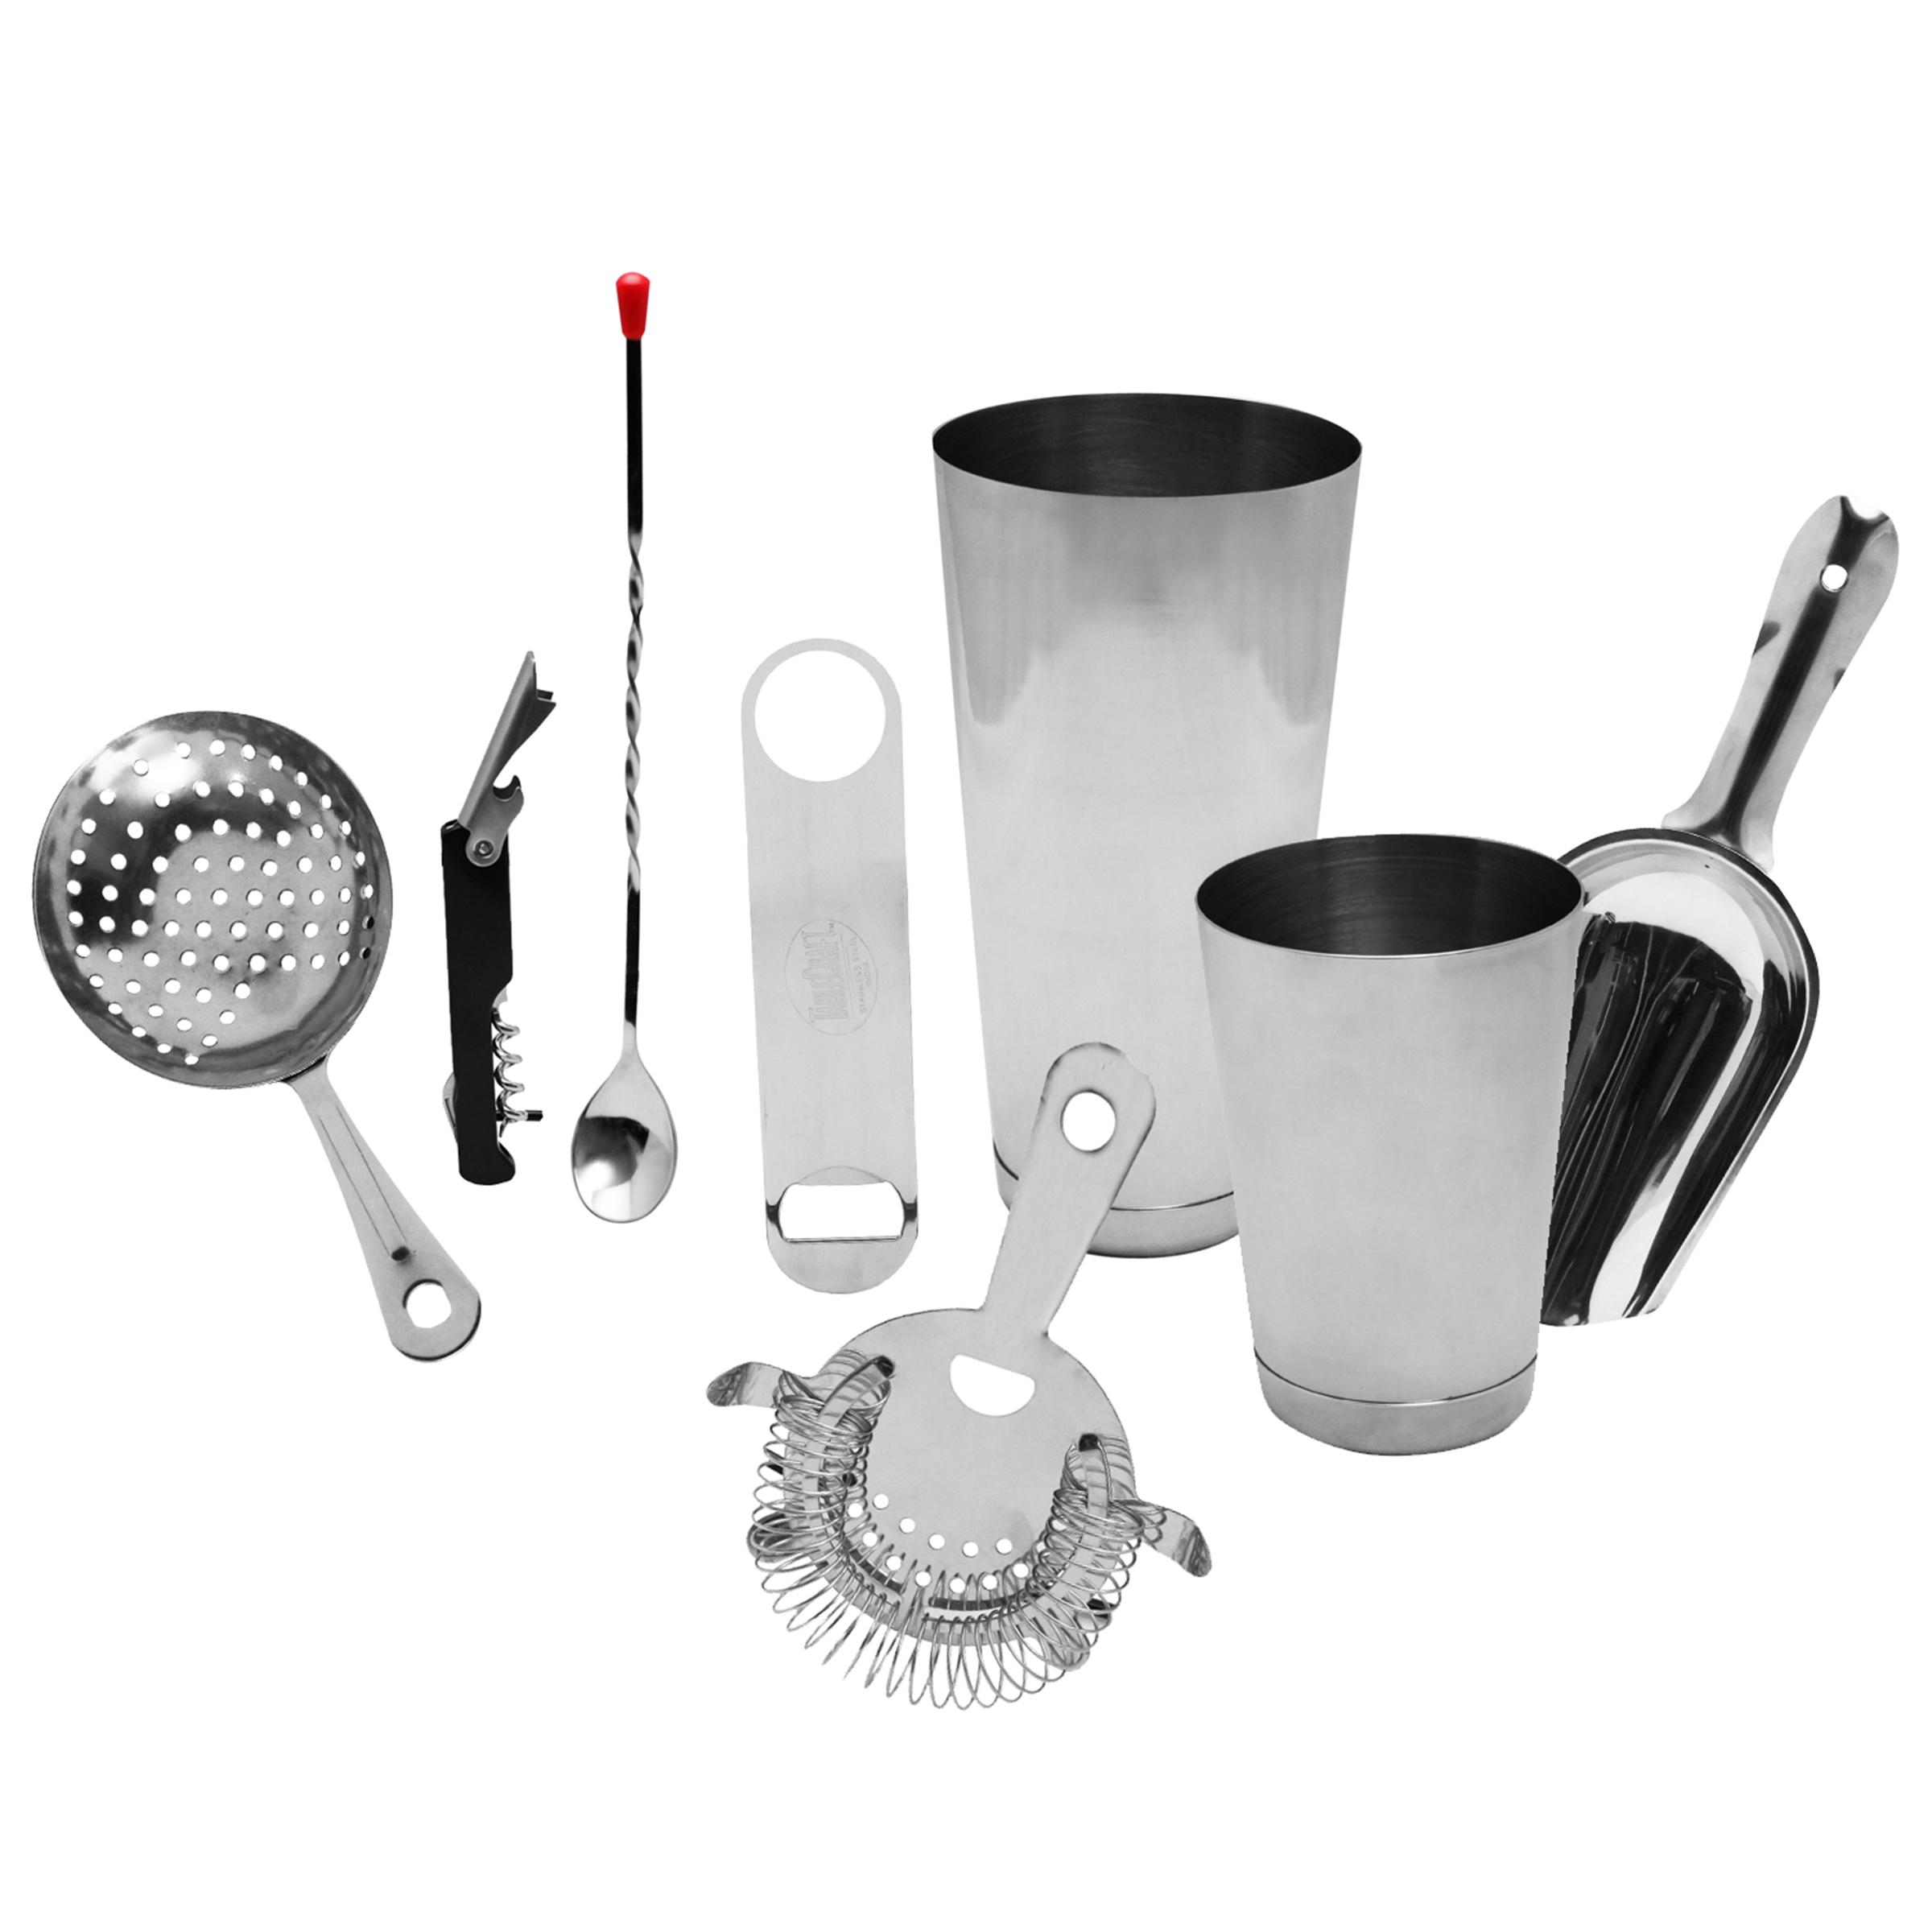 TableCraft Products BARKIT1 bar supplies & equipment